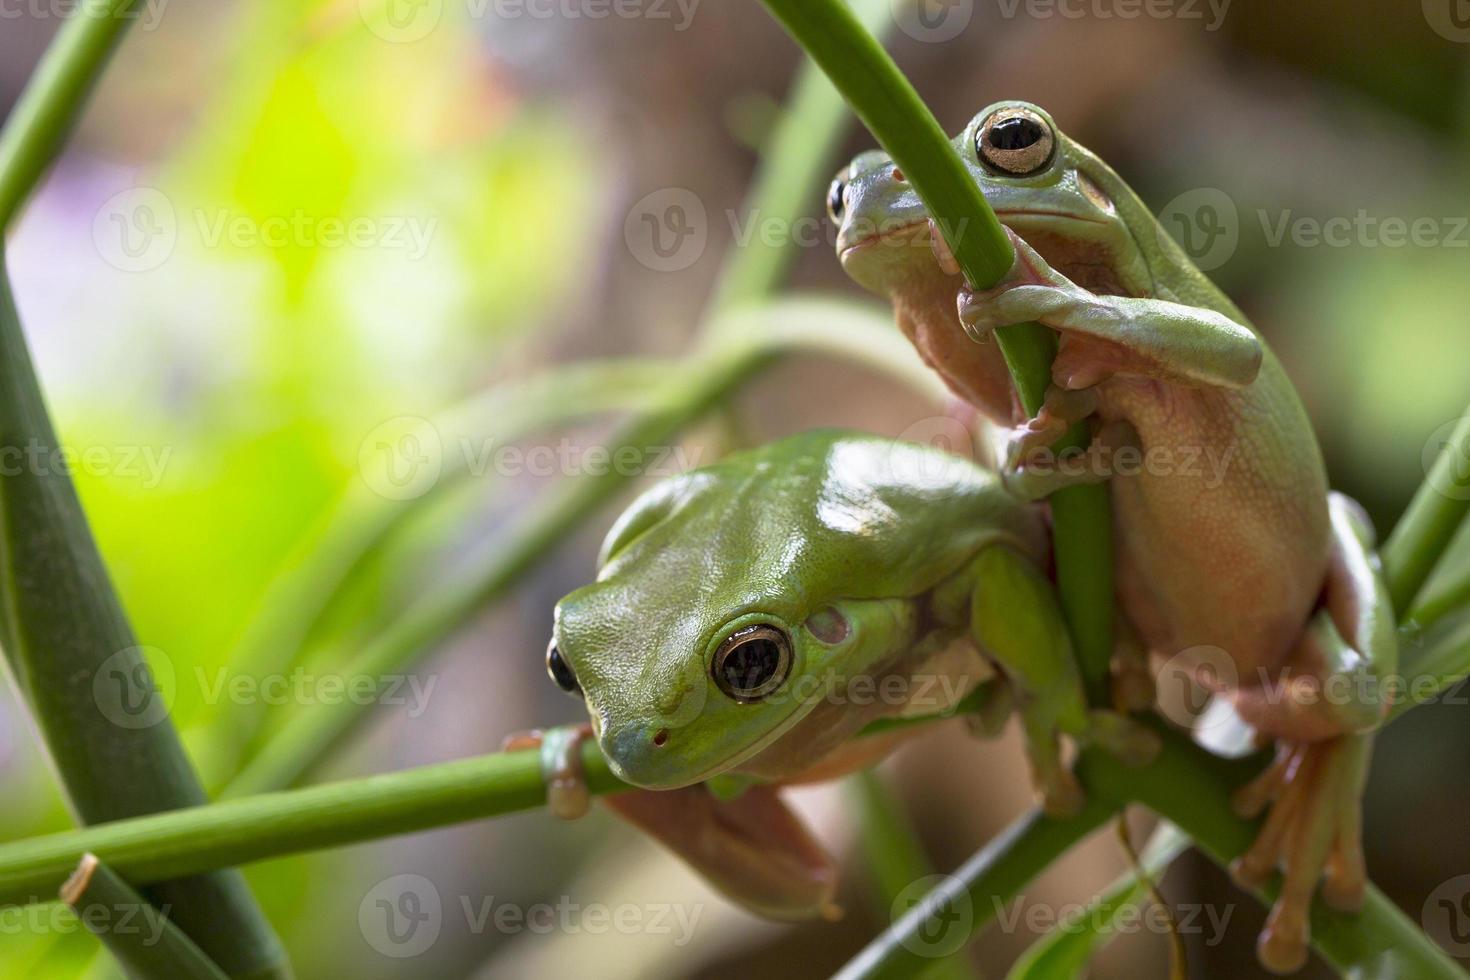 Australian Green Tree Frogs photo